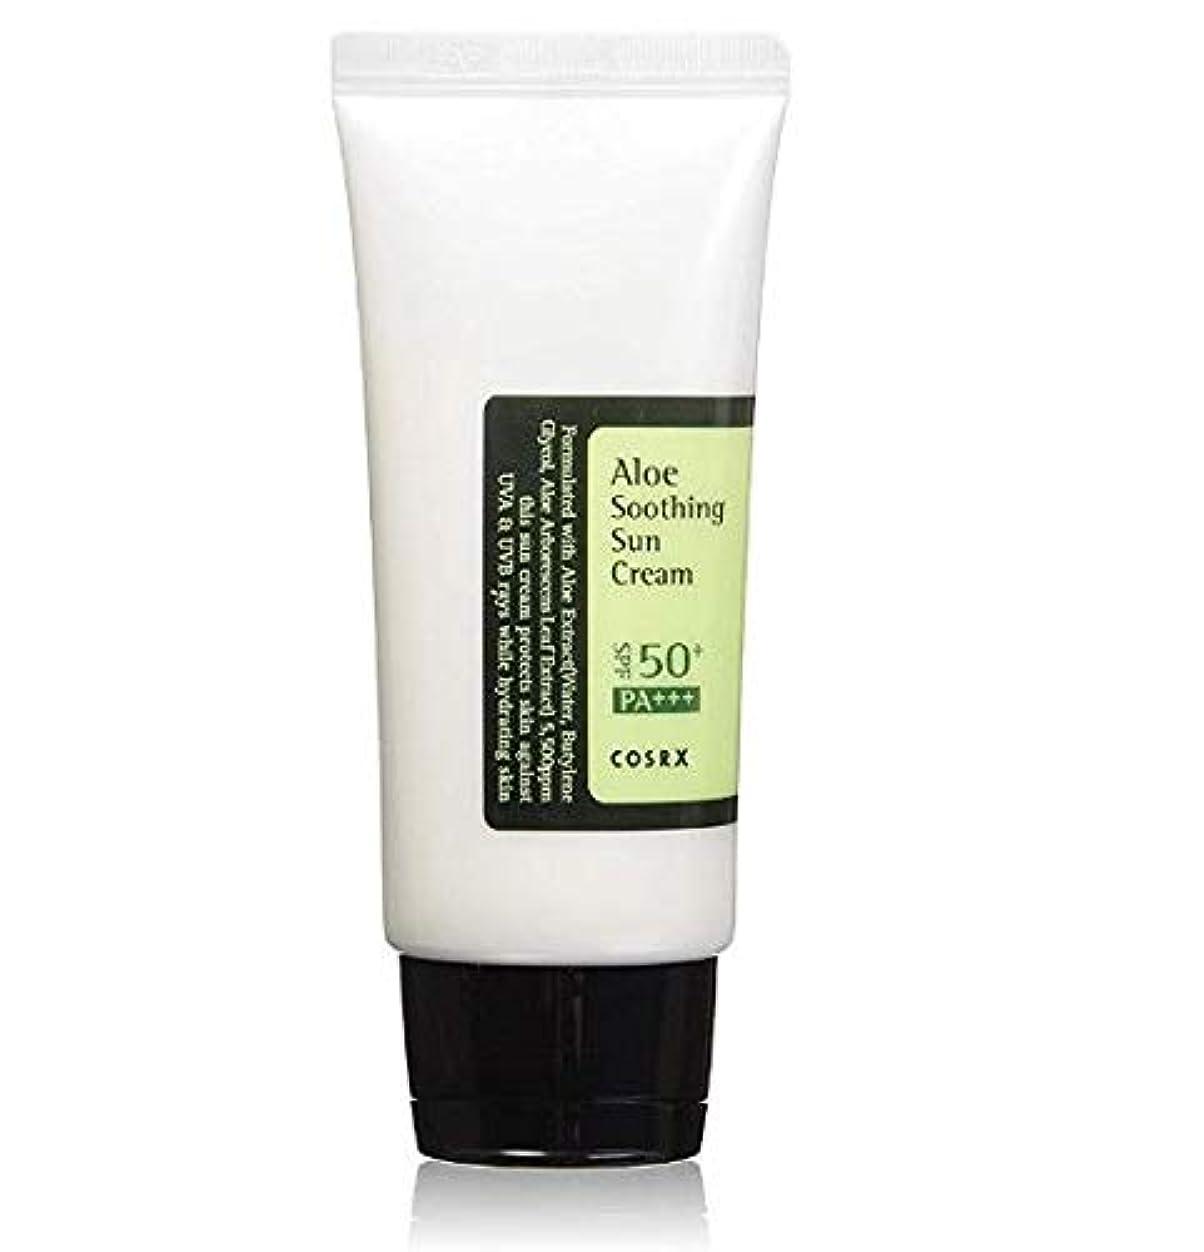 競争ペニーシャーCOSRX Aloe Soothing Sun Cream 50ml [並行輸入品]